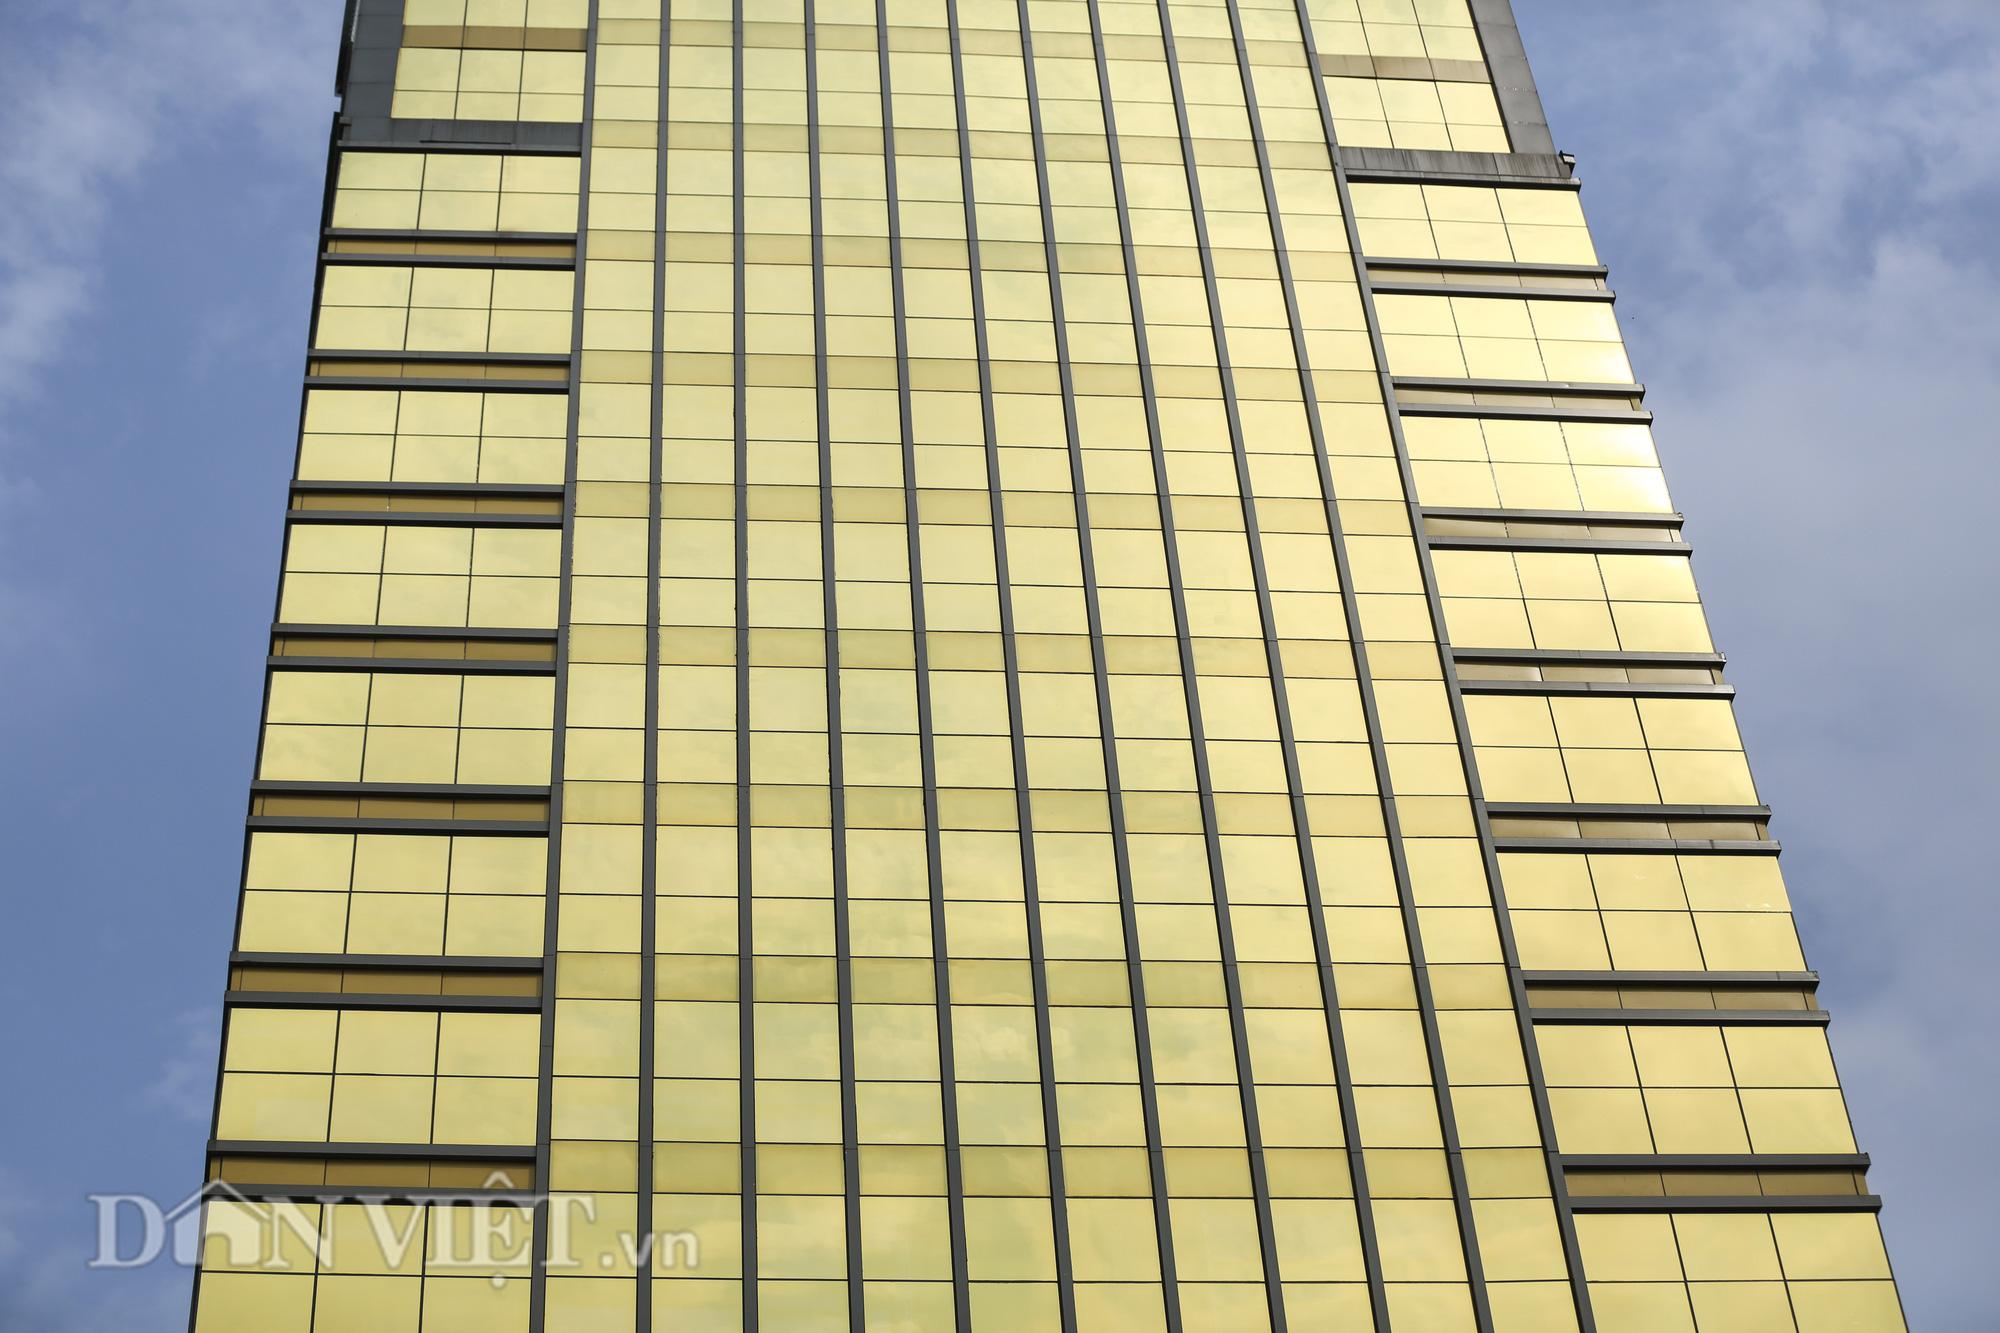 """Hà Nội: Tòa nhà """"dát vàng"""" phản quang gây chói mắt người đi đường - Ảnh 3."""